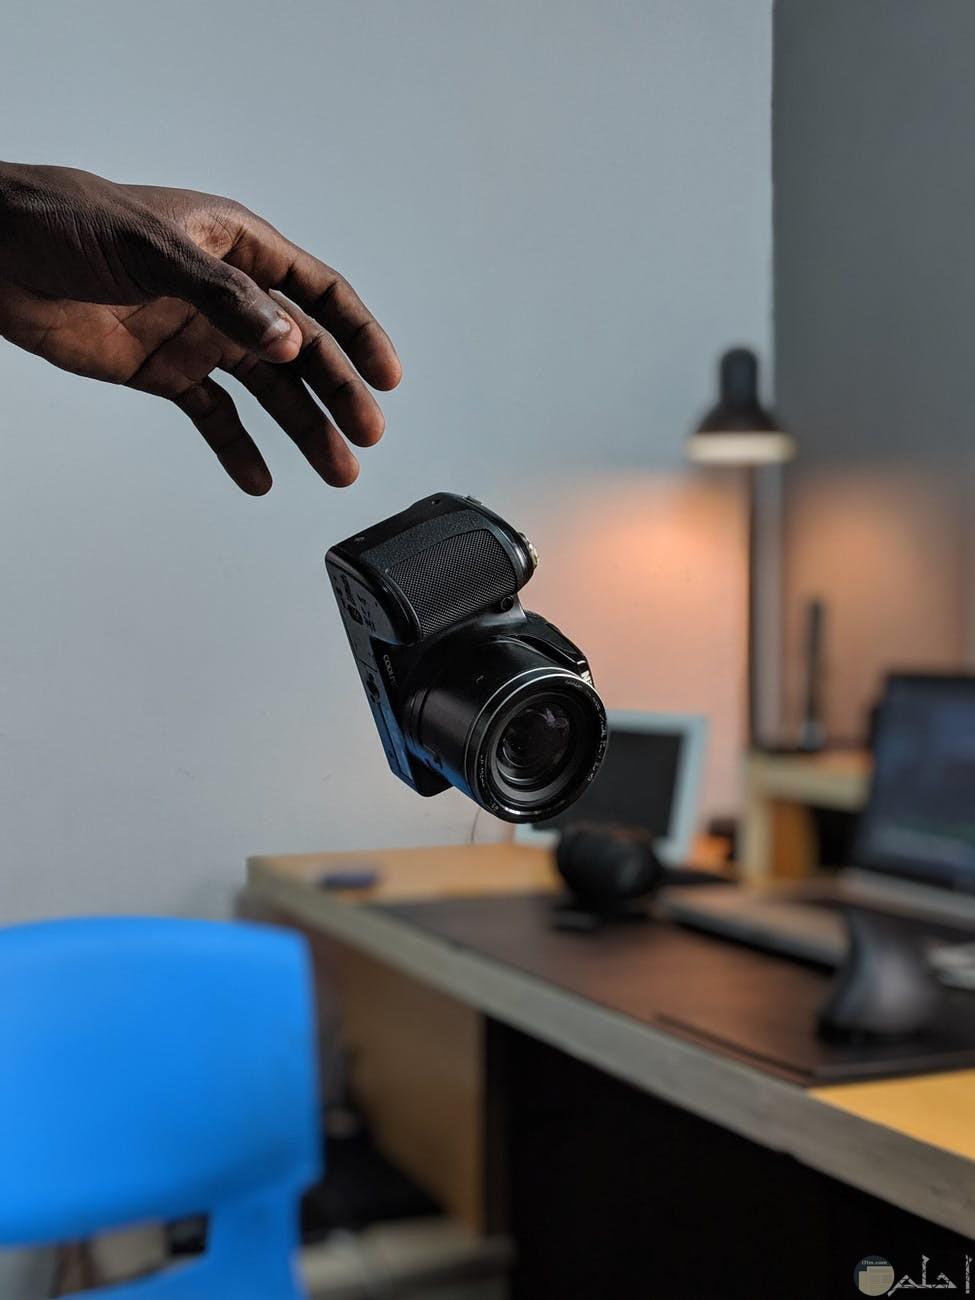 الكاميرا وانواعها المختلفة وكفاءتها في نقل الصور كالطبيعة